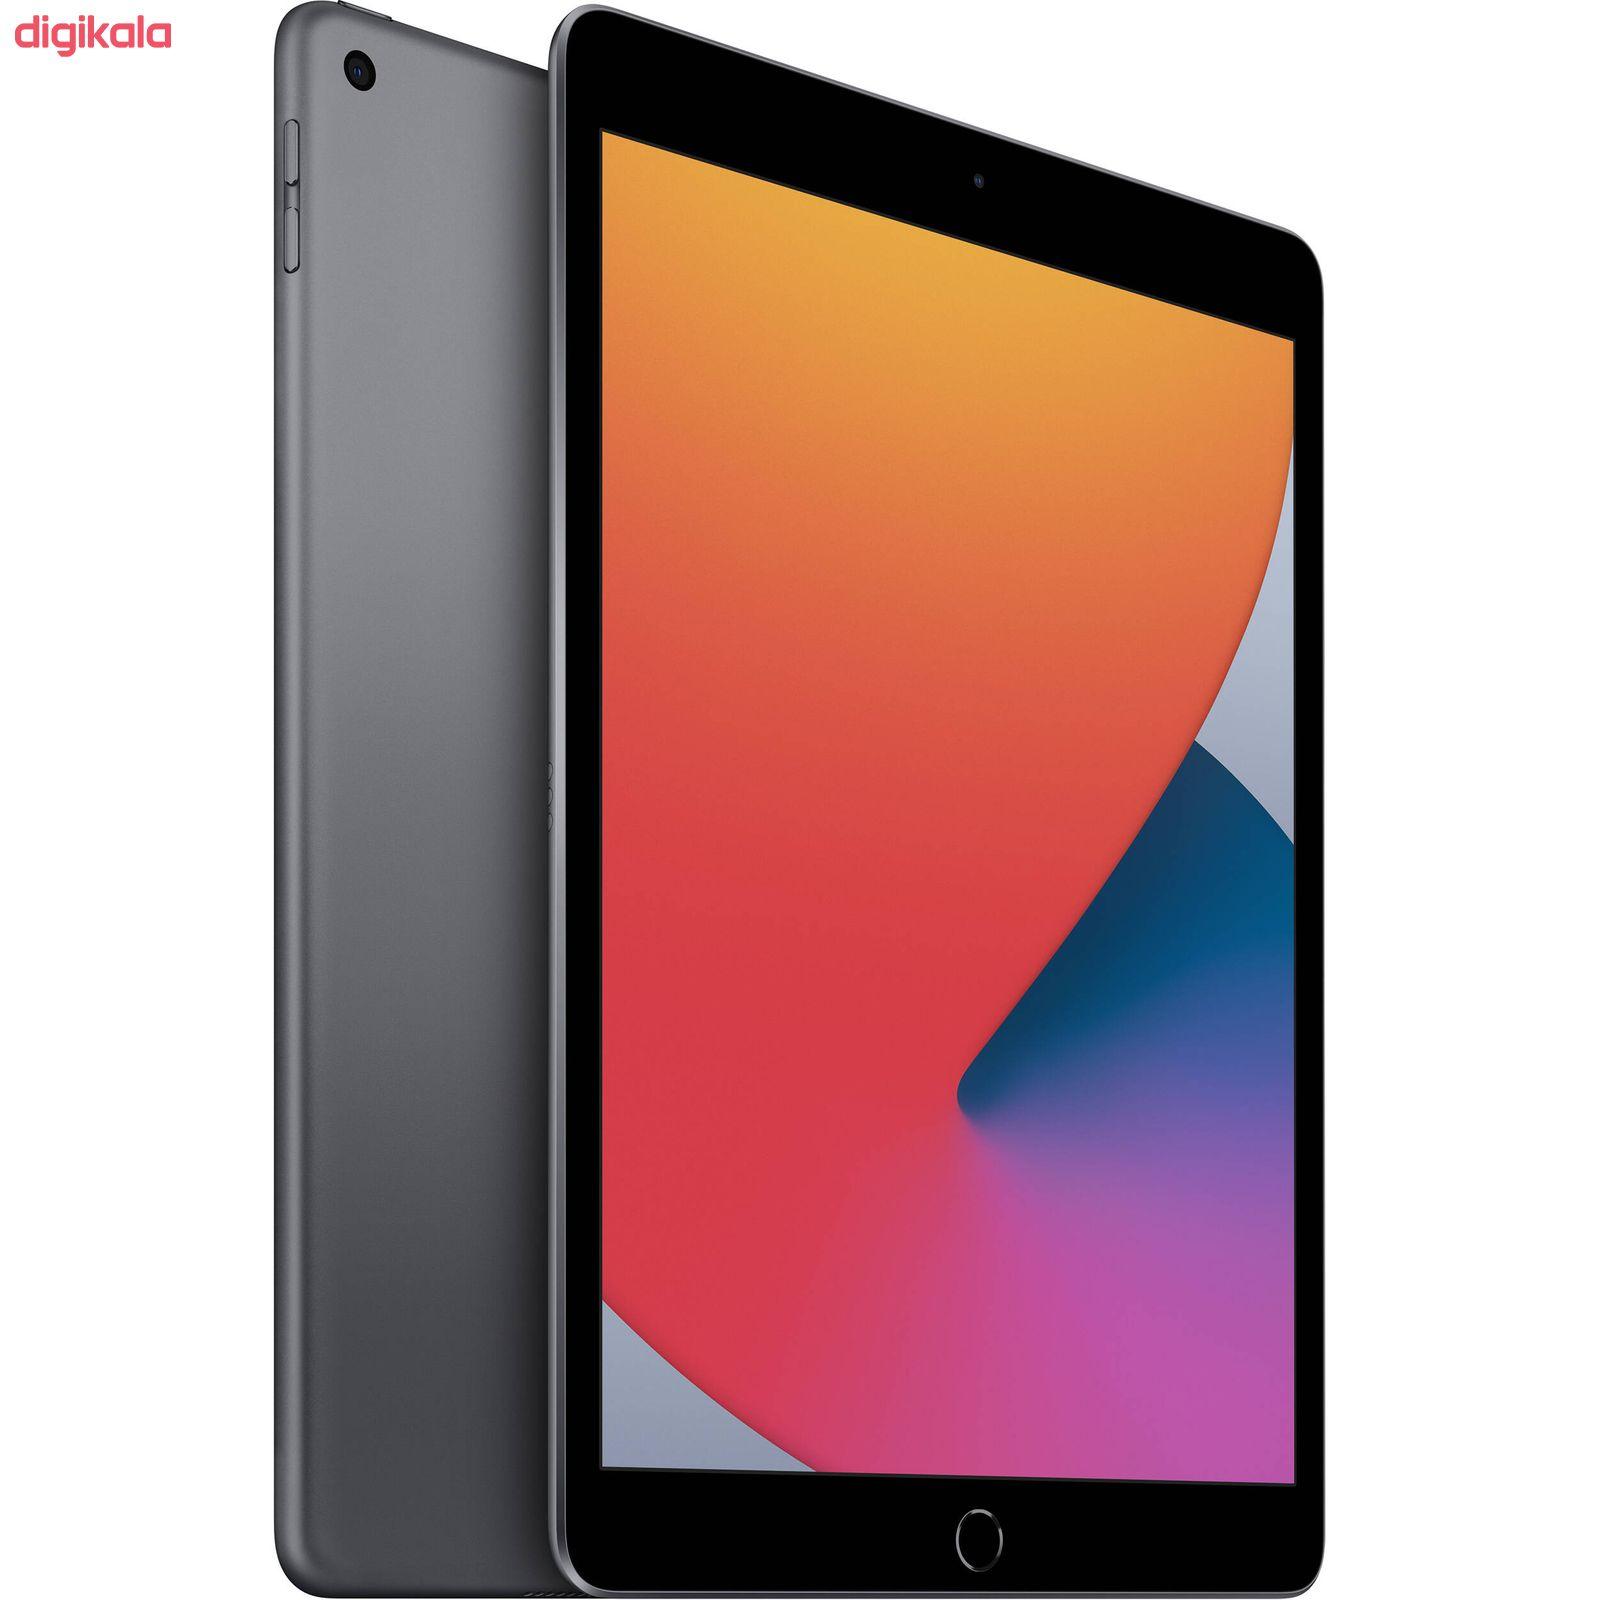 تبلت اپل مدل iPad 10.2 inch 2020 WiFi ظرفیت 32 گیگابایت  main 1 1